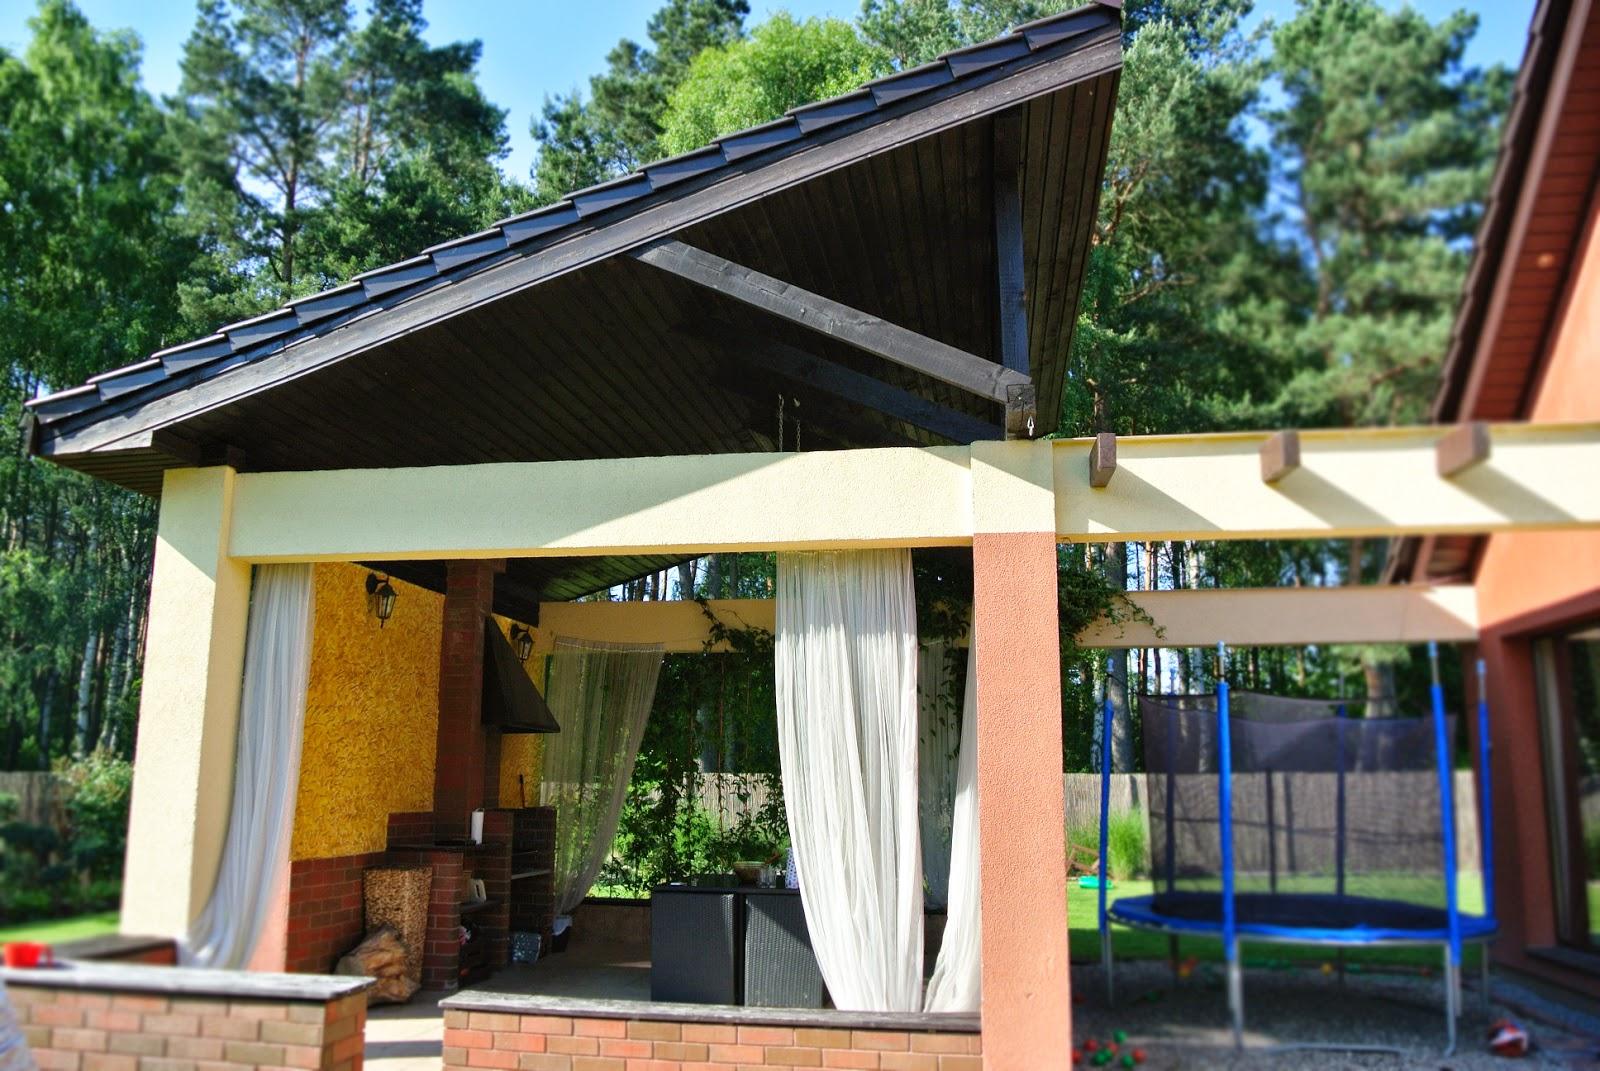 trampolina,altana murowana,grill na zamówienie,hiszpański taras,ceglana elewacja,zasłony na tarasie,woale na tarasie,ryflowane deski,ukośny dach,nietypowy taras,wyjątkowa altana,design w ogrodzie,designerski taras,